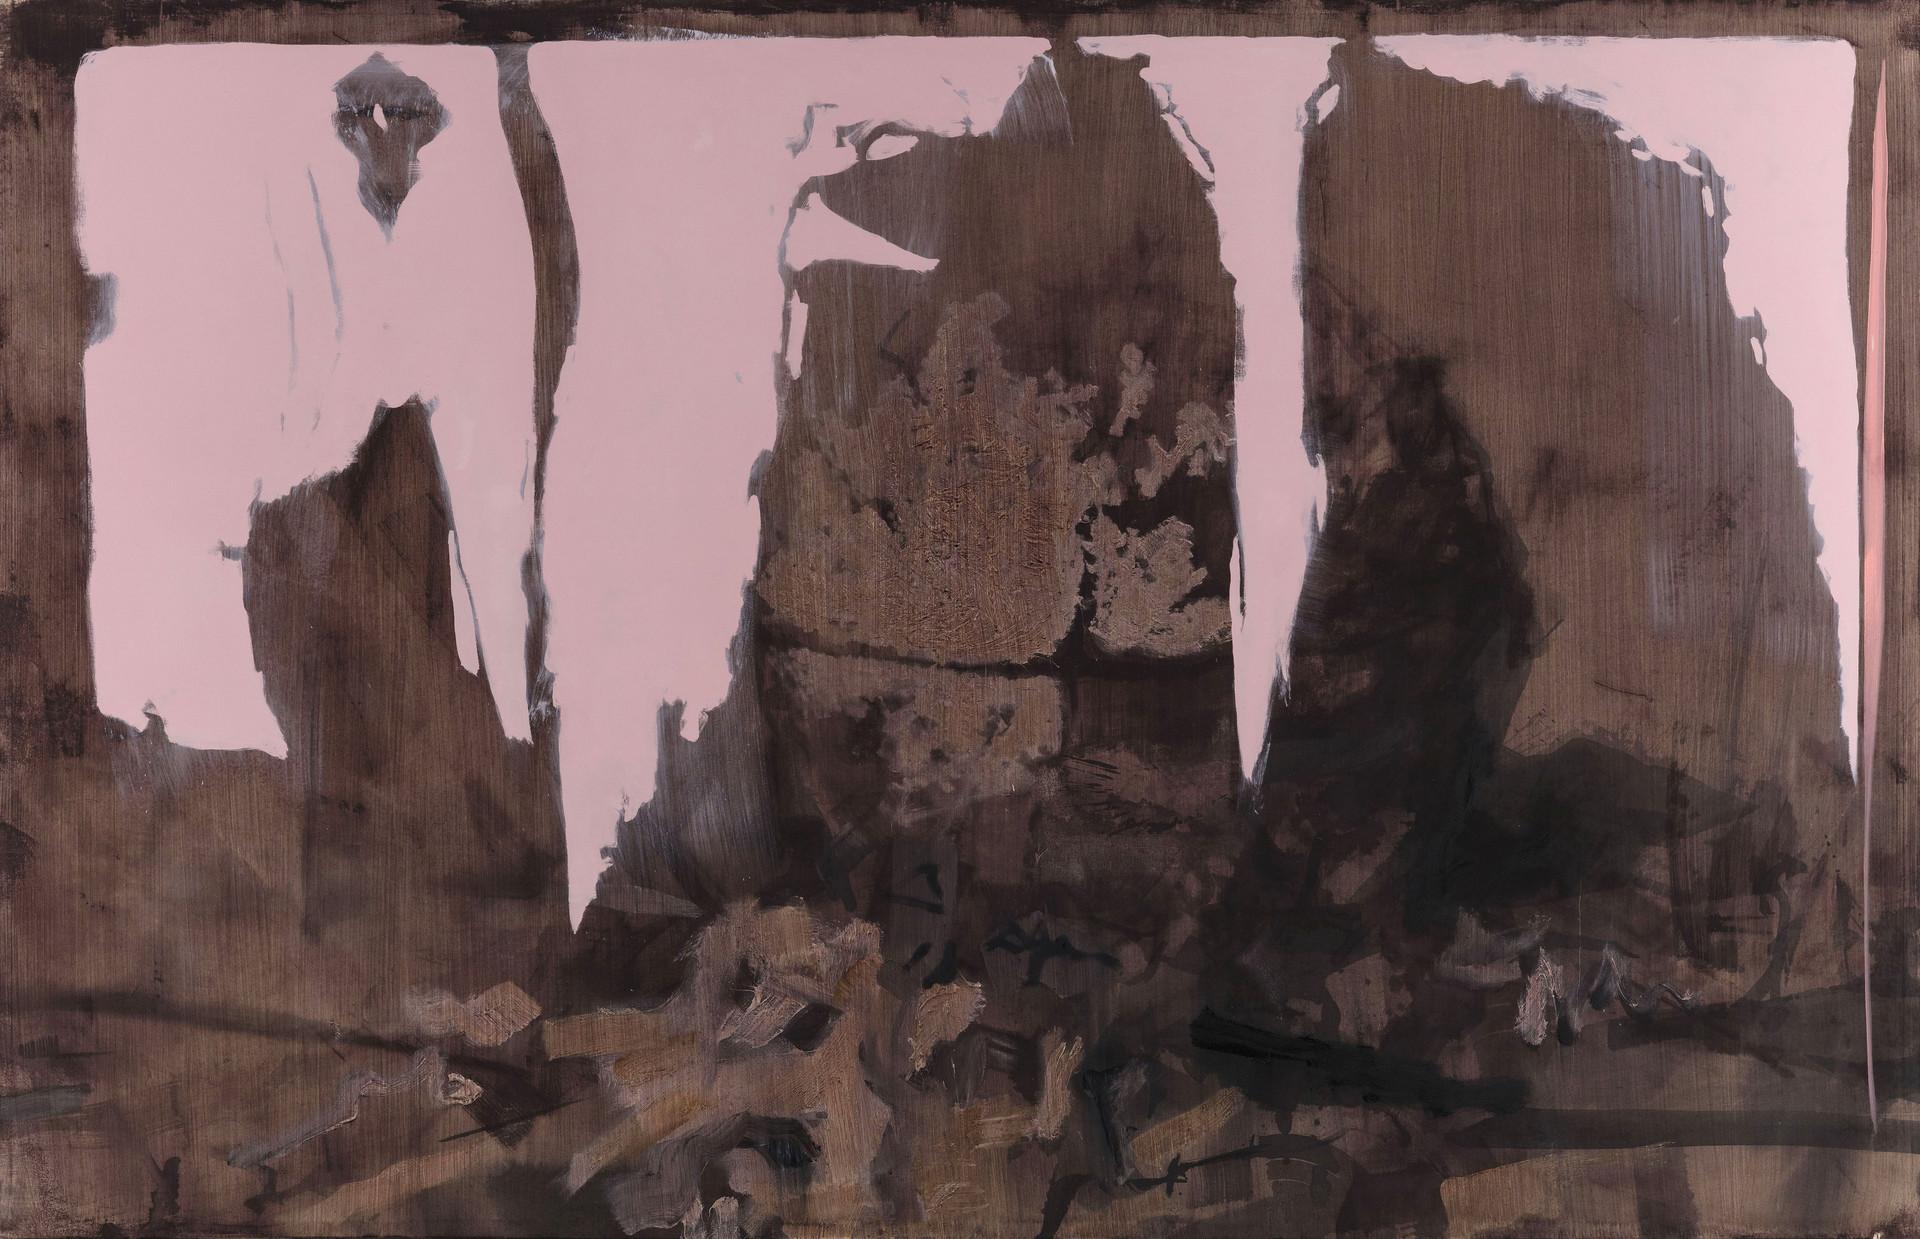 Sans titre, de la série RNP2VS. 283 x 440 cm. Huile sur toile. 2018.